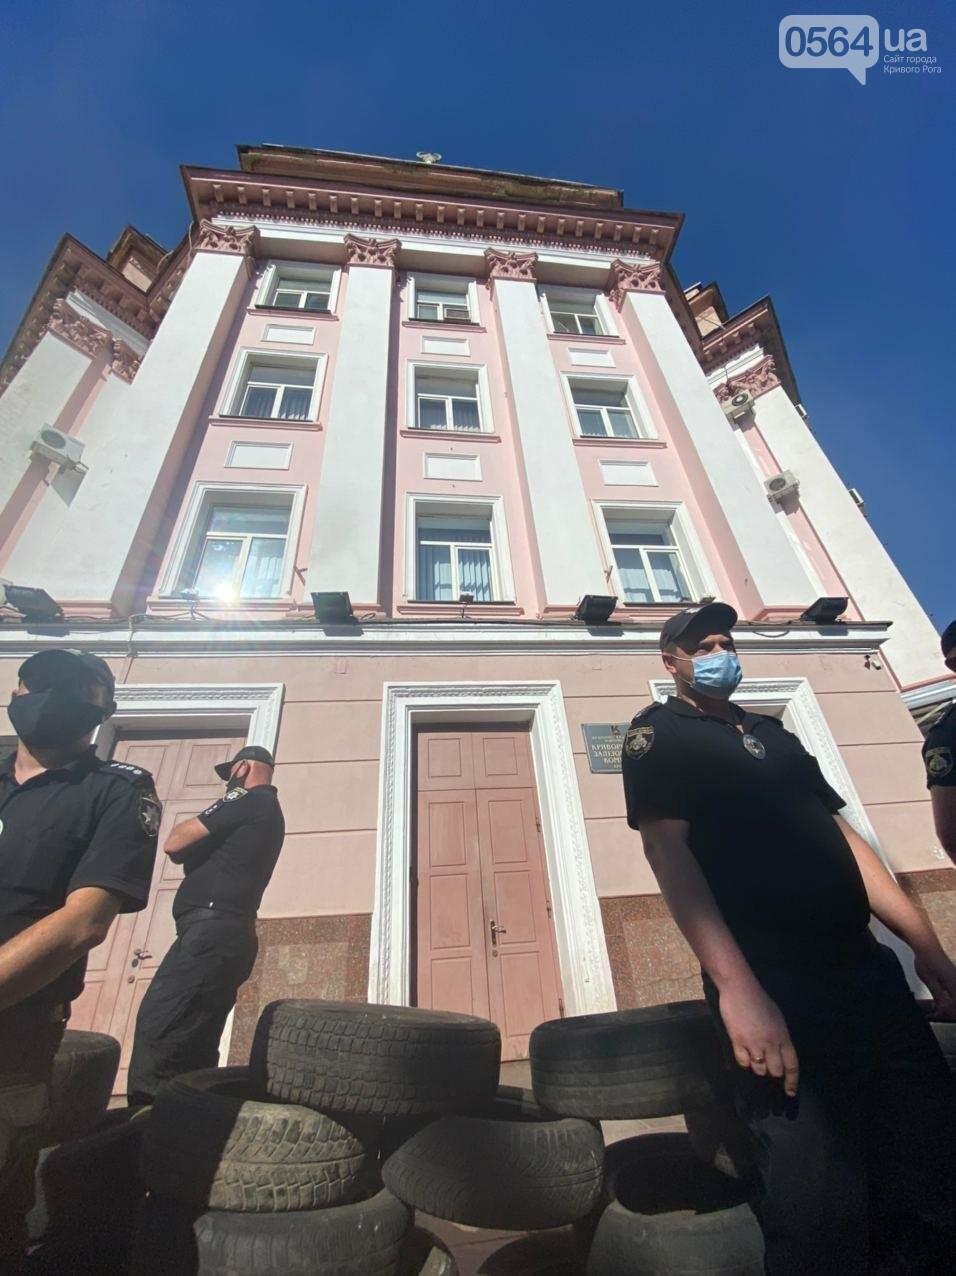 Отмолчаться не получится: у входа в админздание КЖРК проходит массовый митинг, на ступеньках сложены шины,  - ФОТО, ВИДЕО, фото-9